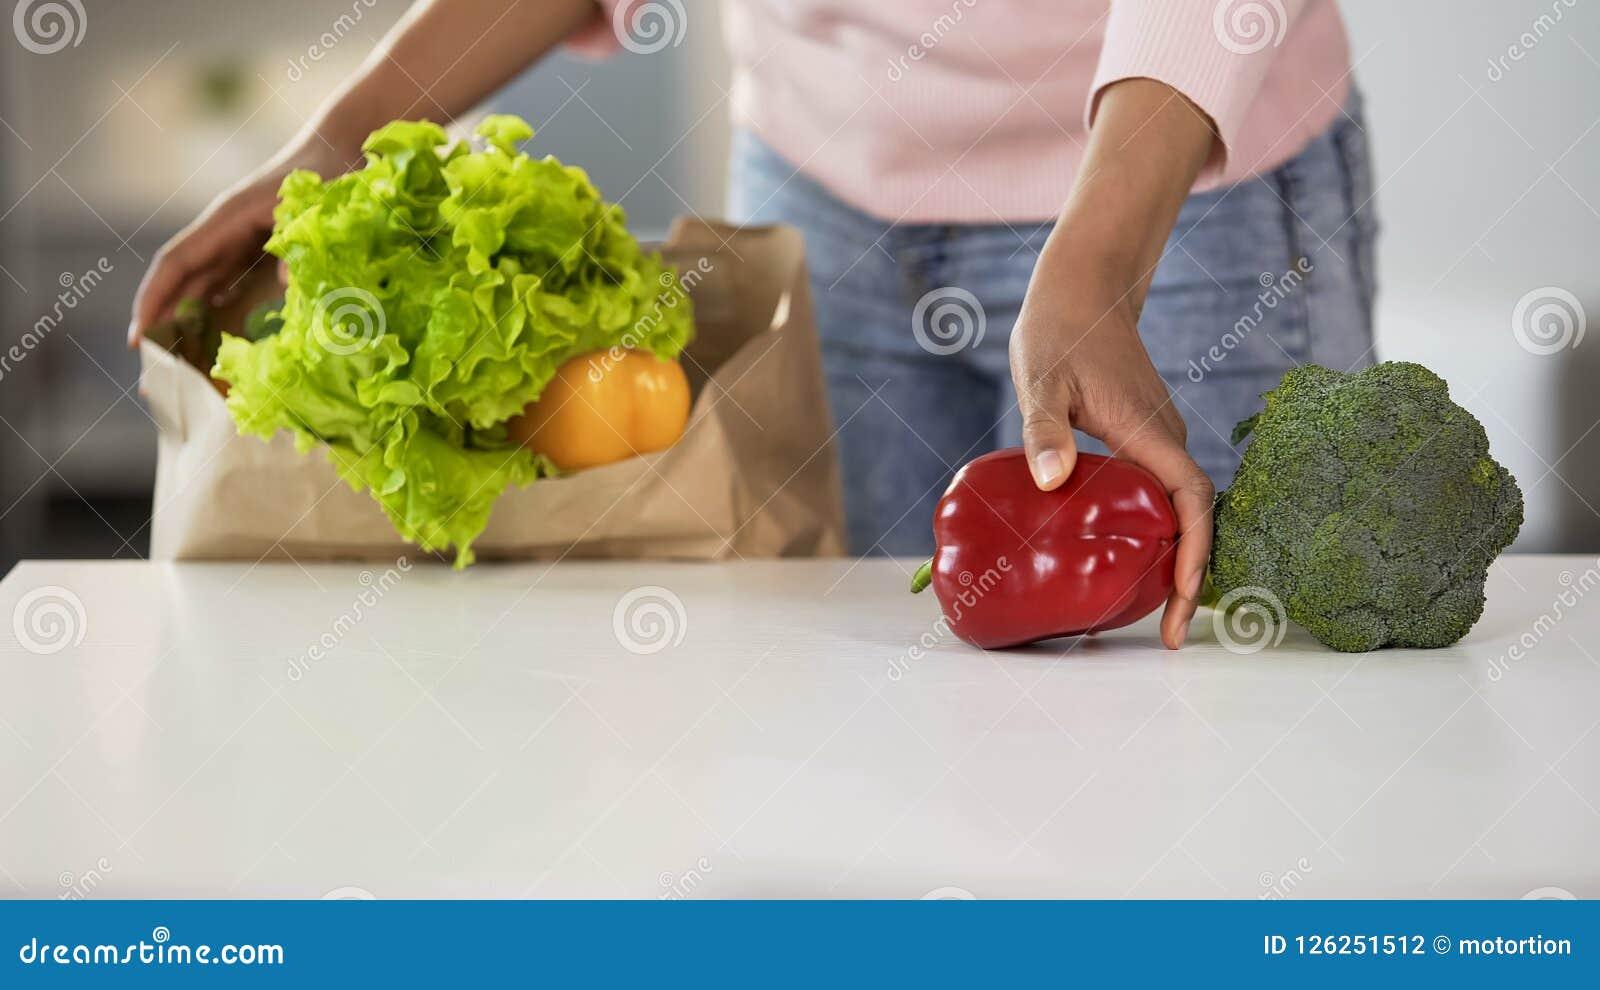 Νοικοκυρά που βάζει τα λαχανικά στον πίνακα από την τσάντα παντοπωλείων, υγιής διατροφή